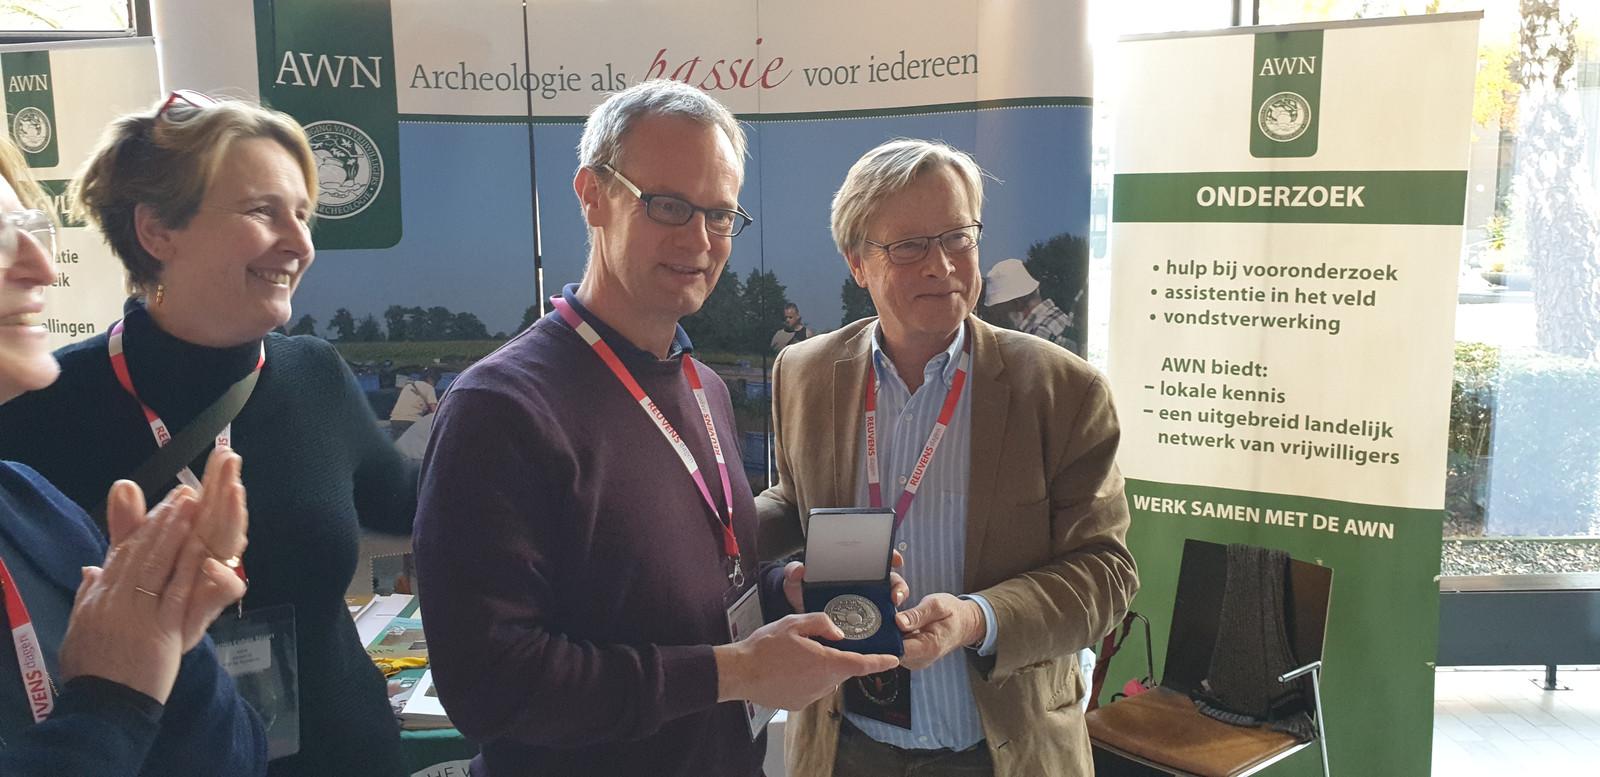 Voorzitter Gajus Scheltema (rechts) van de AWN heeft de legpenning overhandigd aan de Zutphense stadsarcheoloog Michel Groothedde.